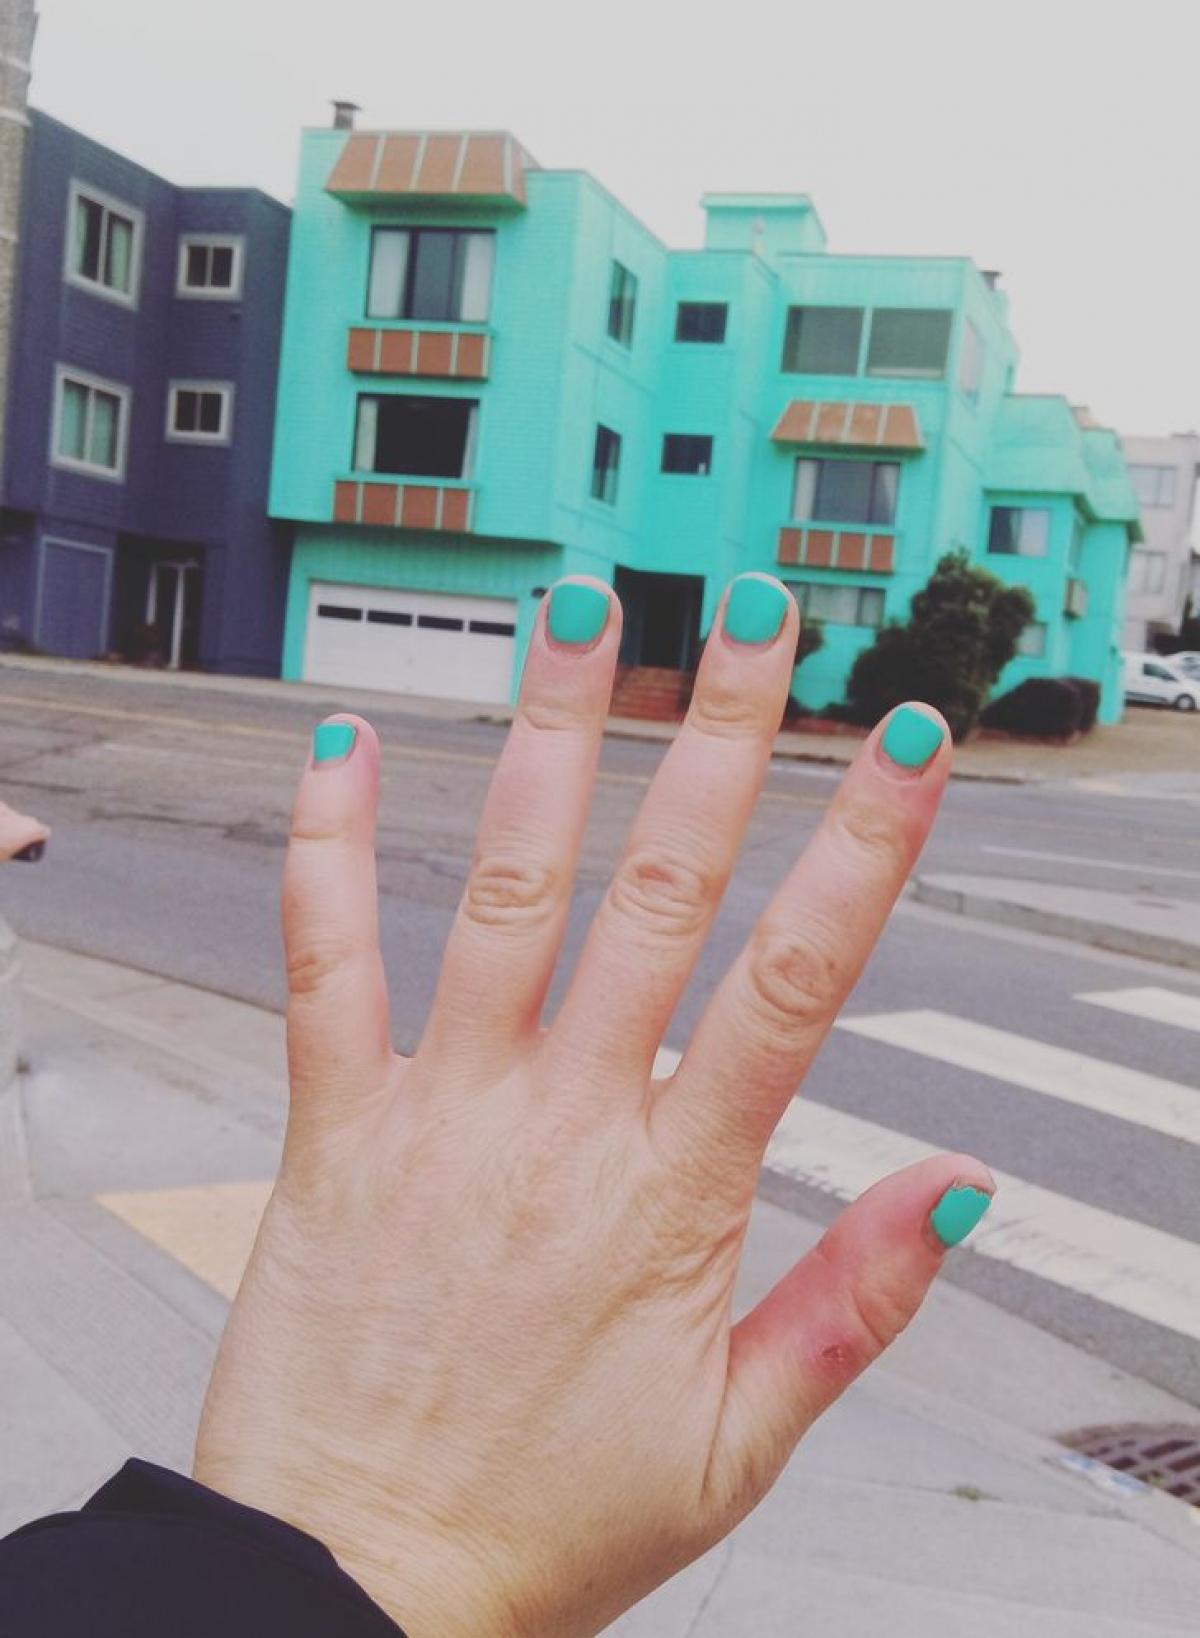 Trùng hợp thay khi màu móng tay của tôi lại giống với màu của toà nhà.